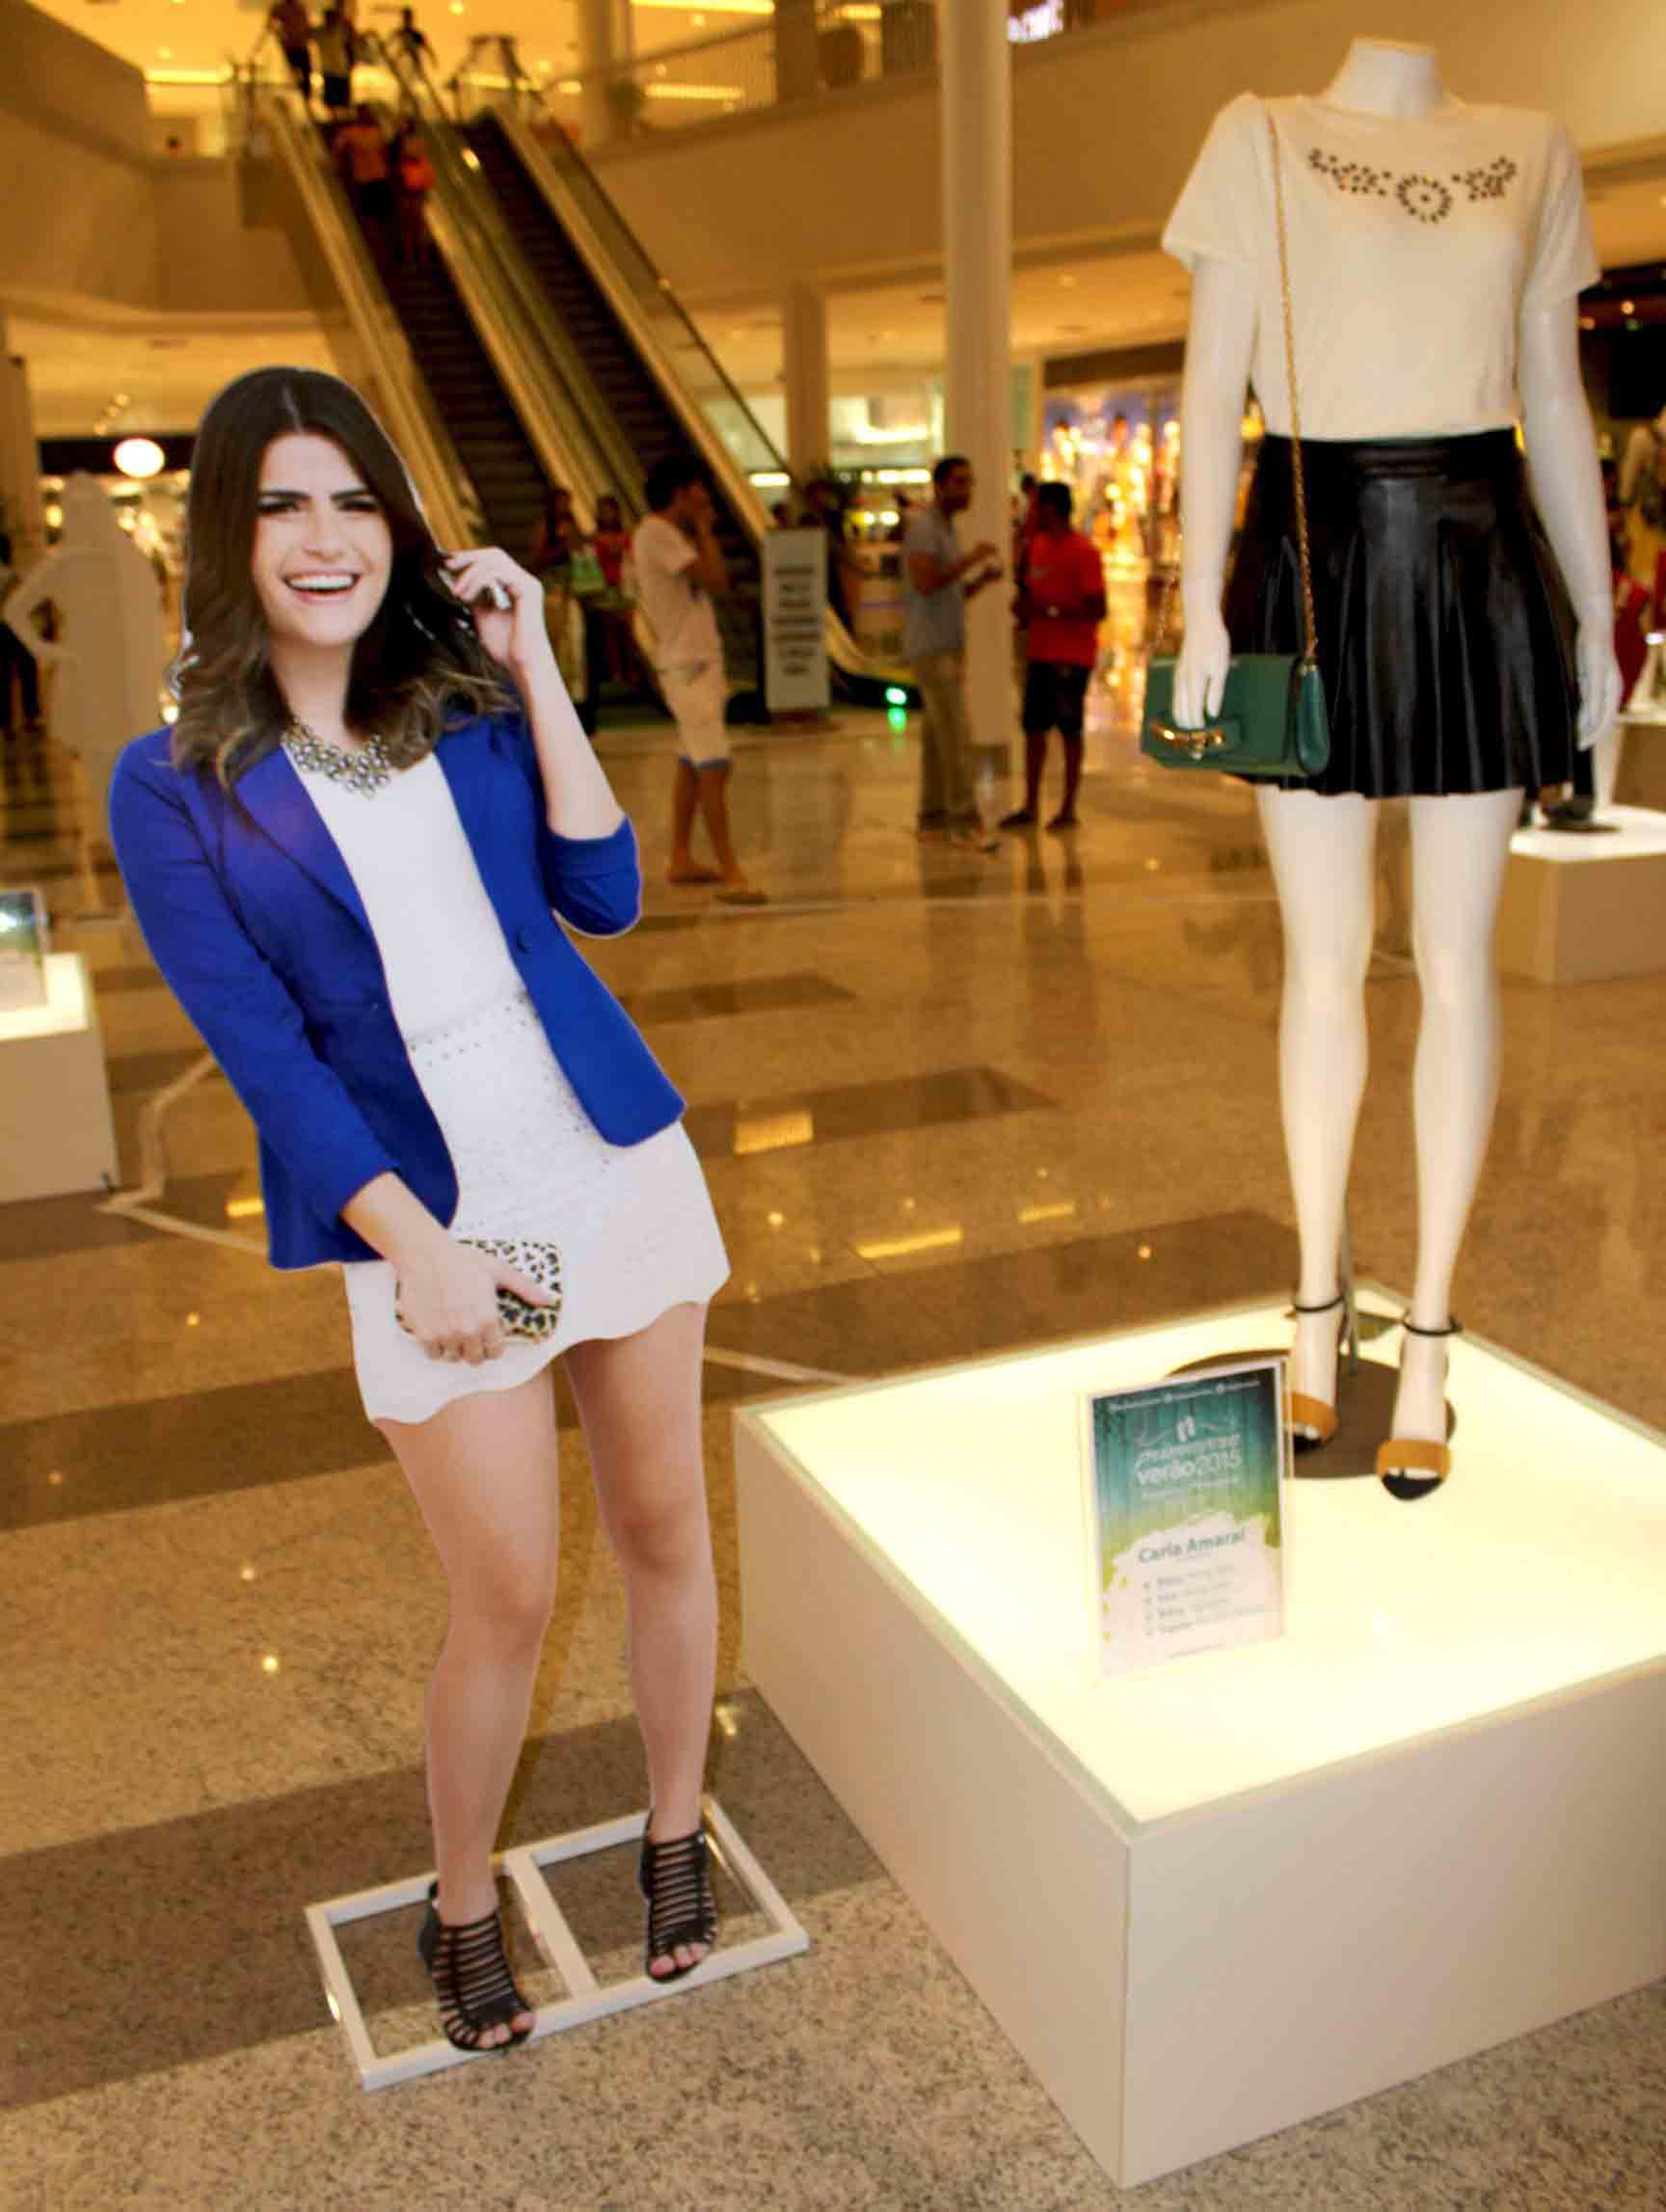 Coquetel Shopping Parangaba  catálogo e lookbook 2015 Cris Moreira 75fdd5c04cc